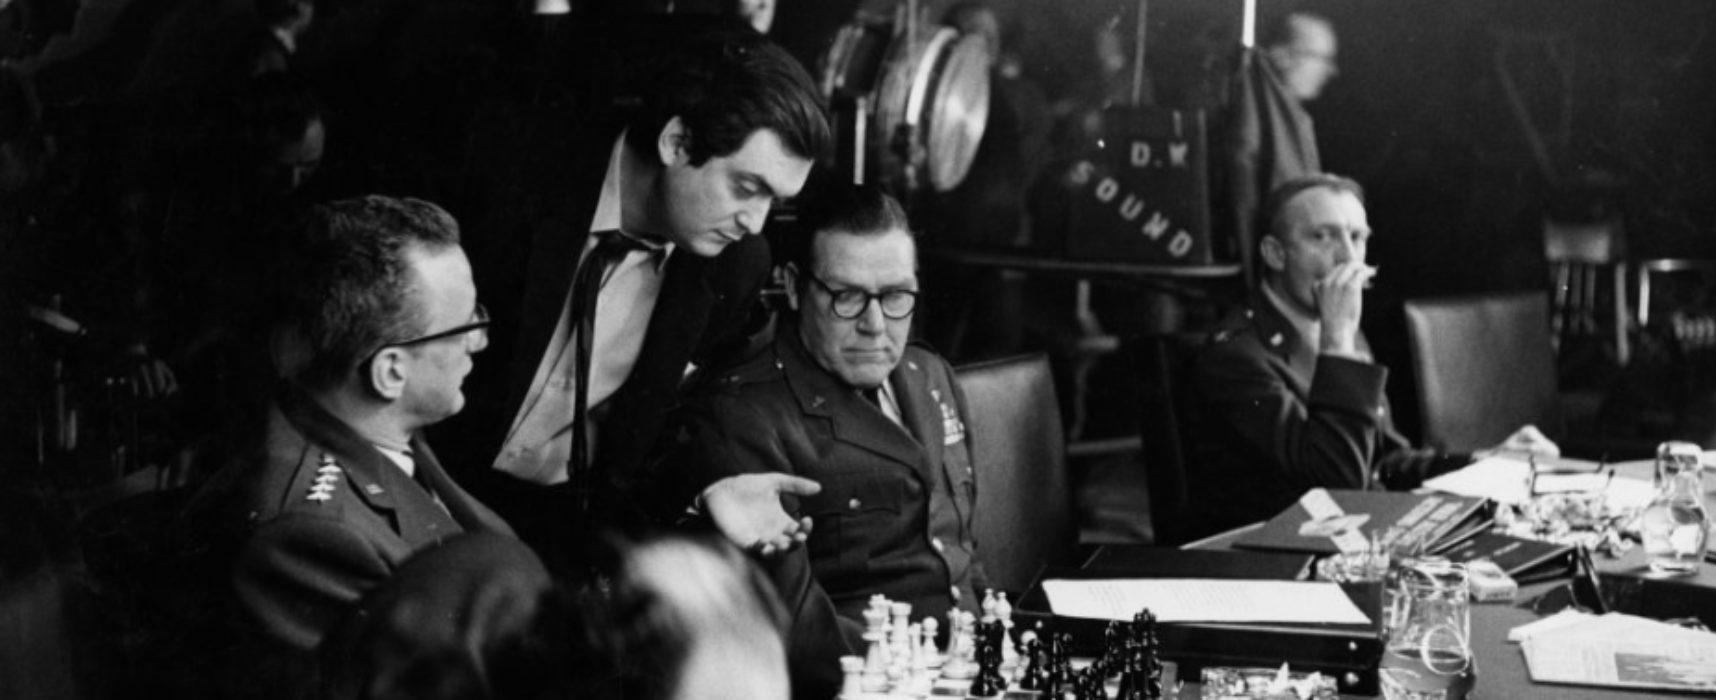 Buscamos título para nuestra sección radiofónica de ajedrez y cine